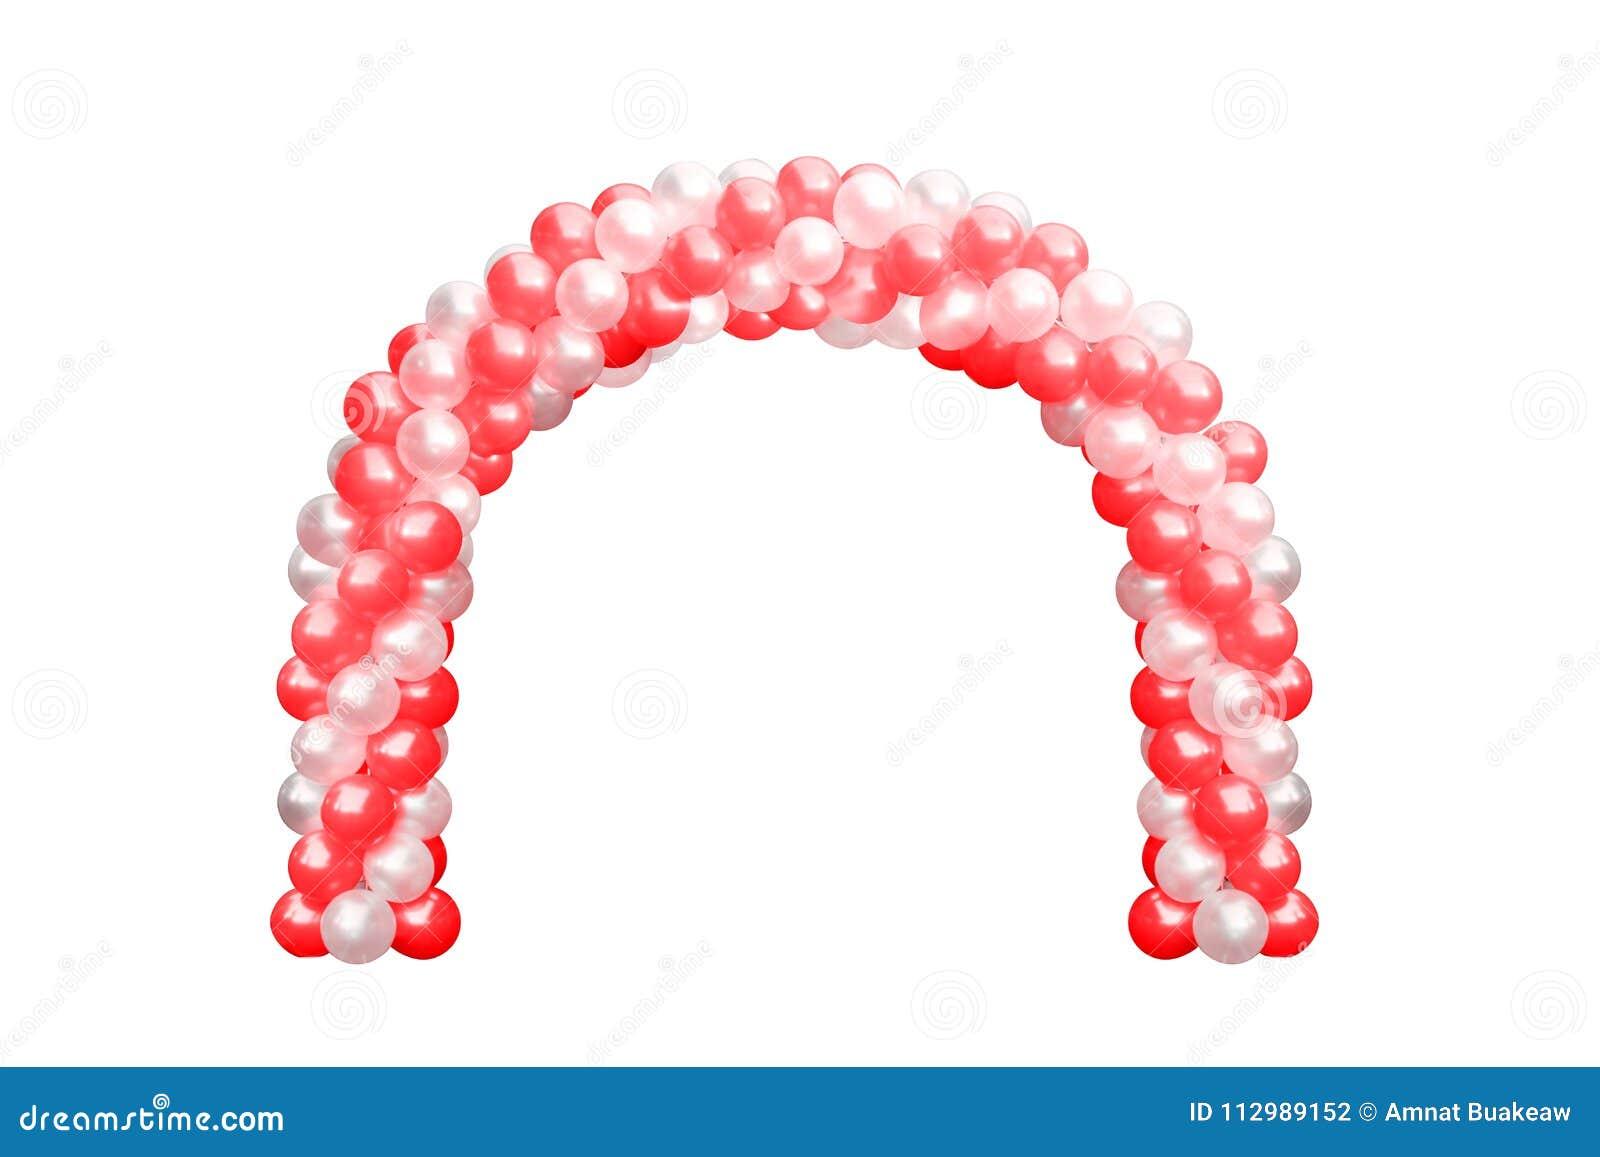 Раздуйте дверь аркы красная и белая, своды wedding, элементы украшения дизайна фестиваля воздушного шара с дизайном изолированным